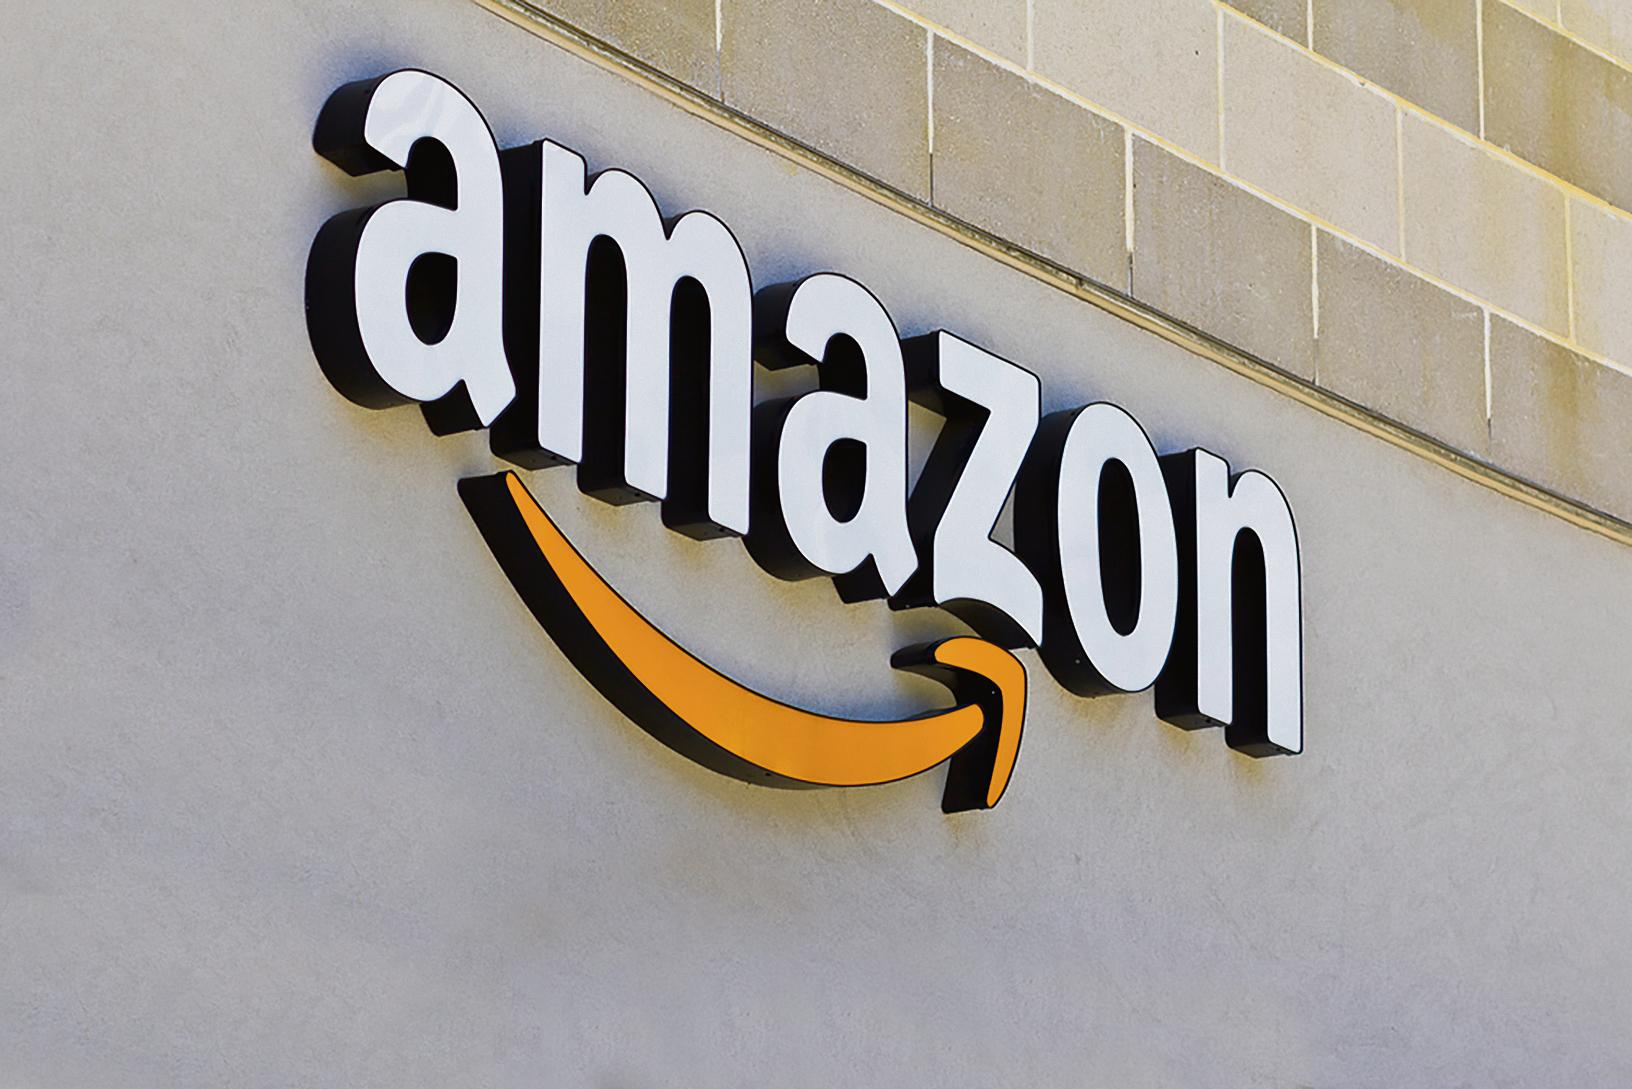 亞馬遜在年報中發出警告稱,假冒商品已經成為該公司的在線集市面臨的最大問題之一。(Shutterstock)